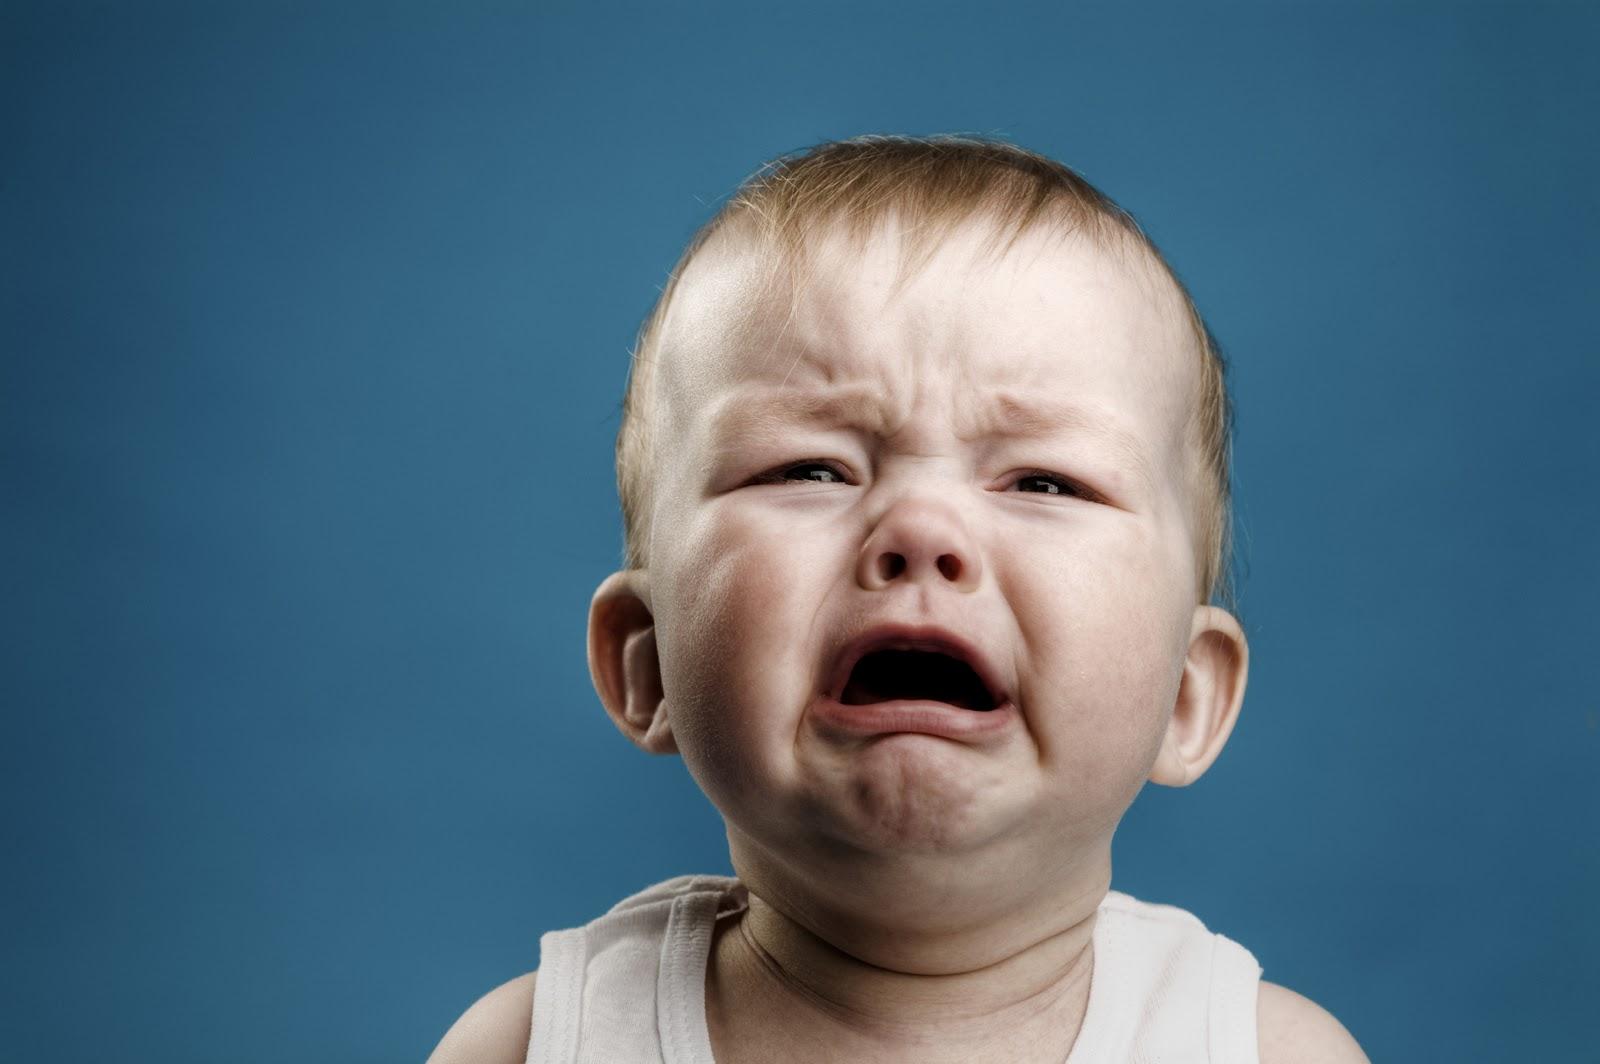 Eu gosto é de choraaar!!!